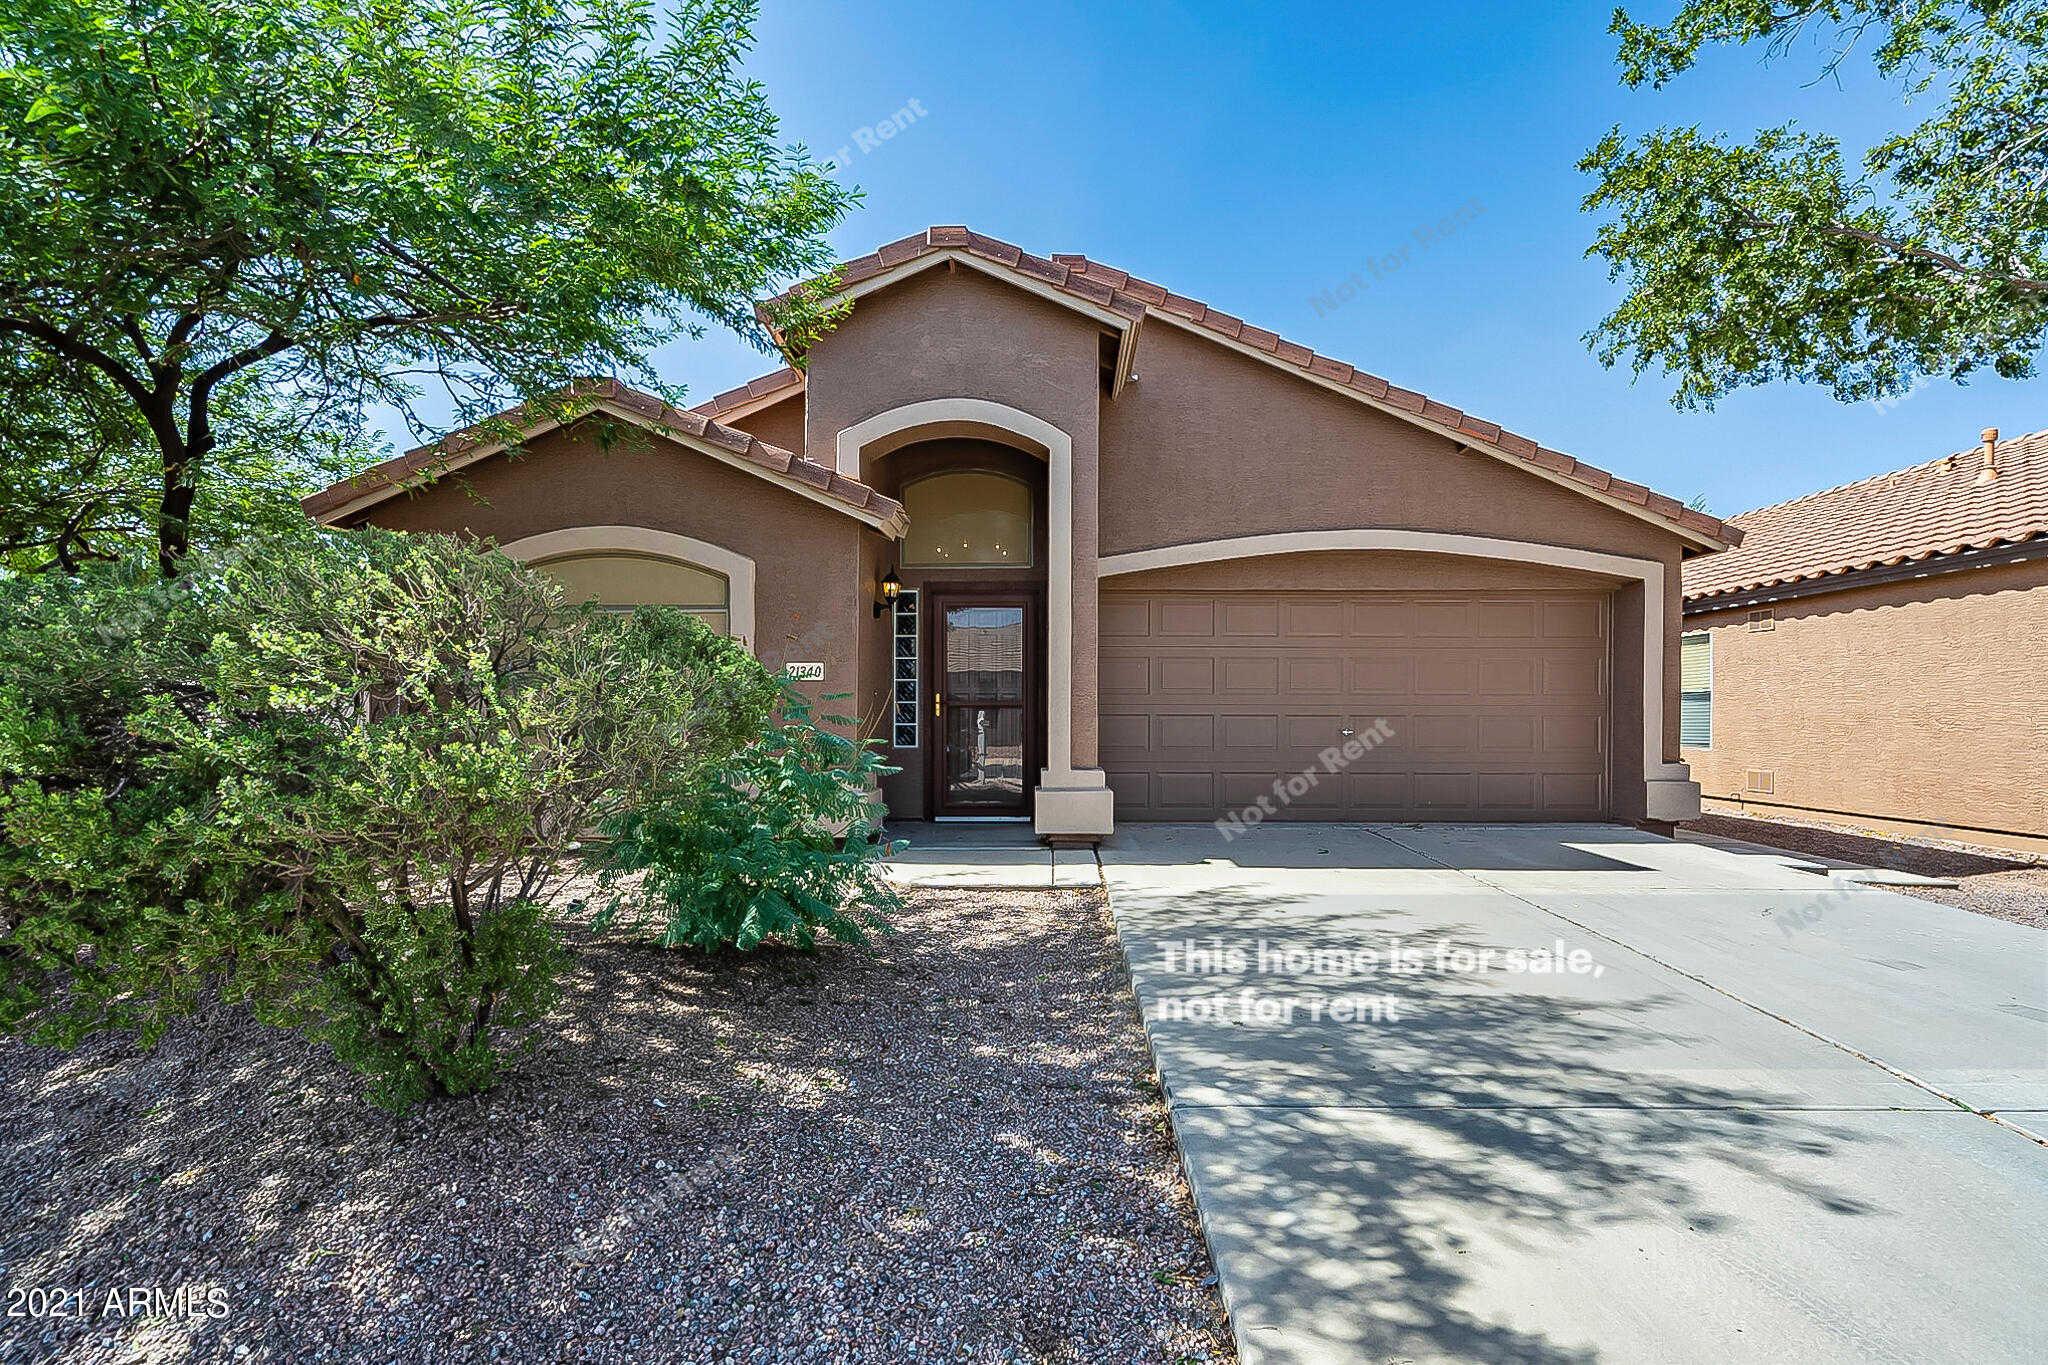 $365,000 - 2Br/2Ba - Home for Sale in Phase Ii Parcel 8 At Rancho El Dorado, Maricopa